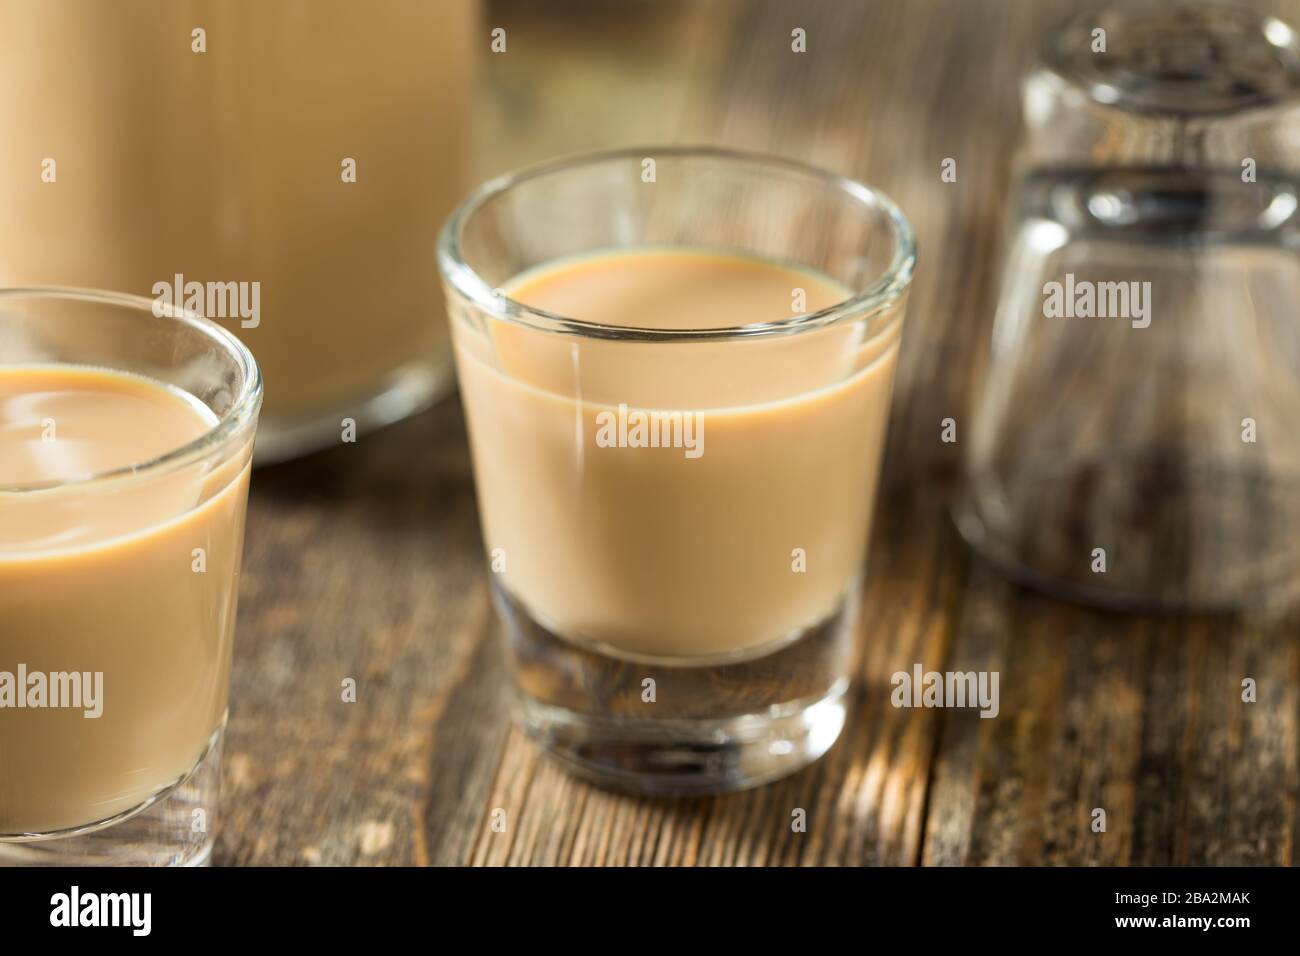 Homemade Sweet Irish Cream Liquor in a Glass Stock Photo